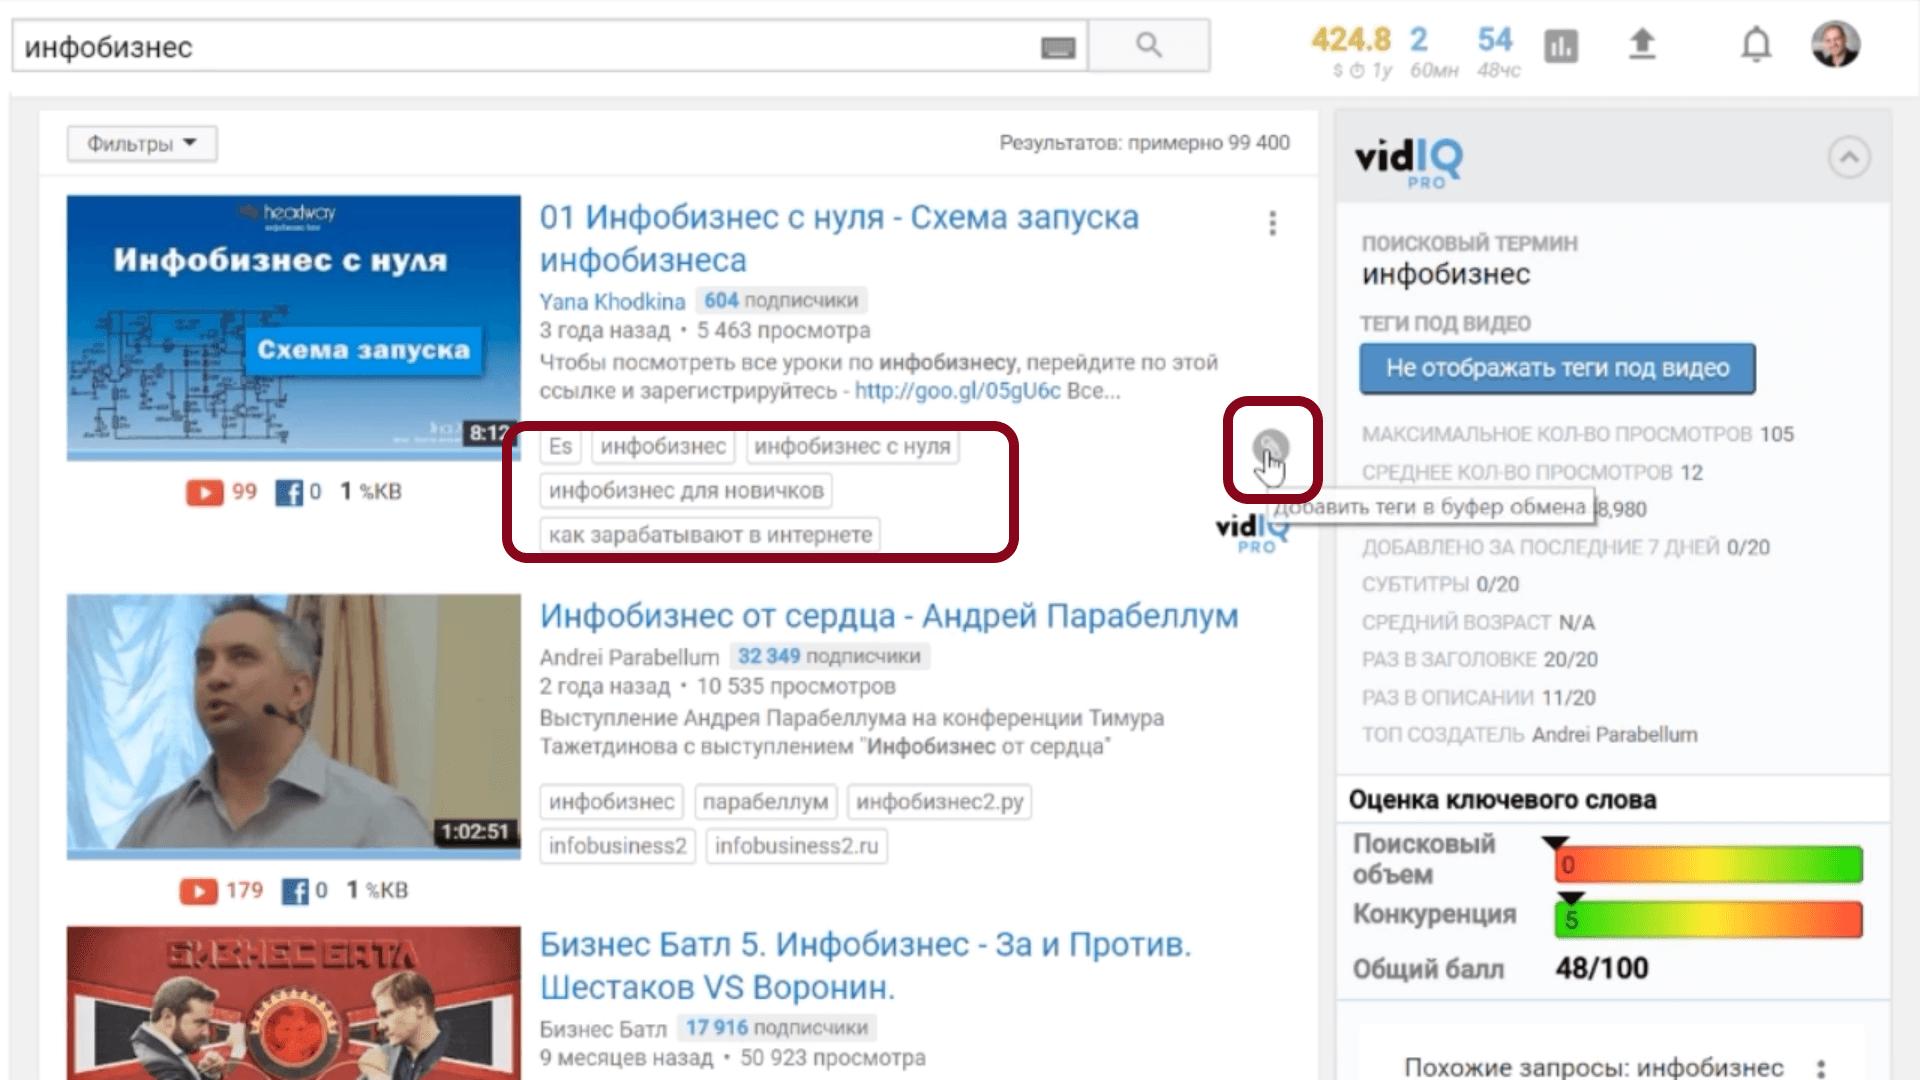 ак оптимизировать видео для ютуб, как вывести видео на youtube в топ